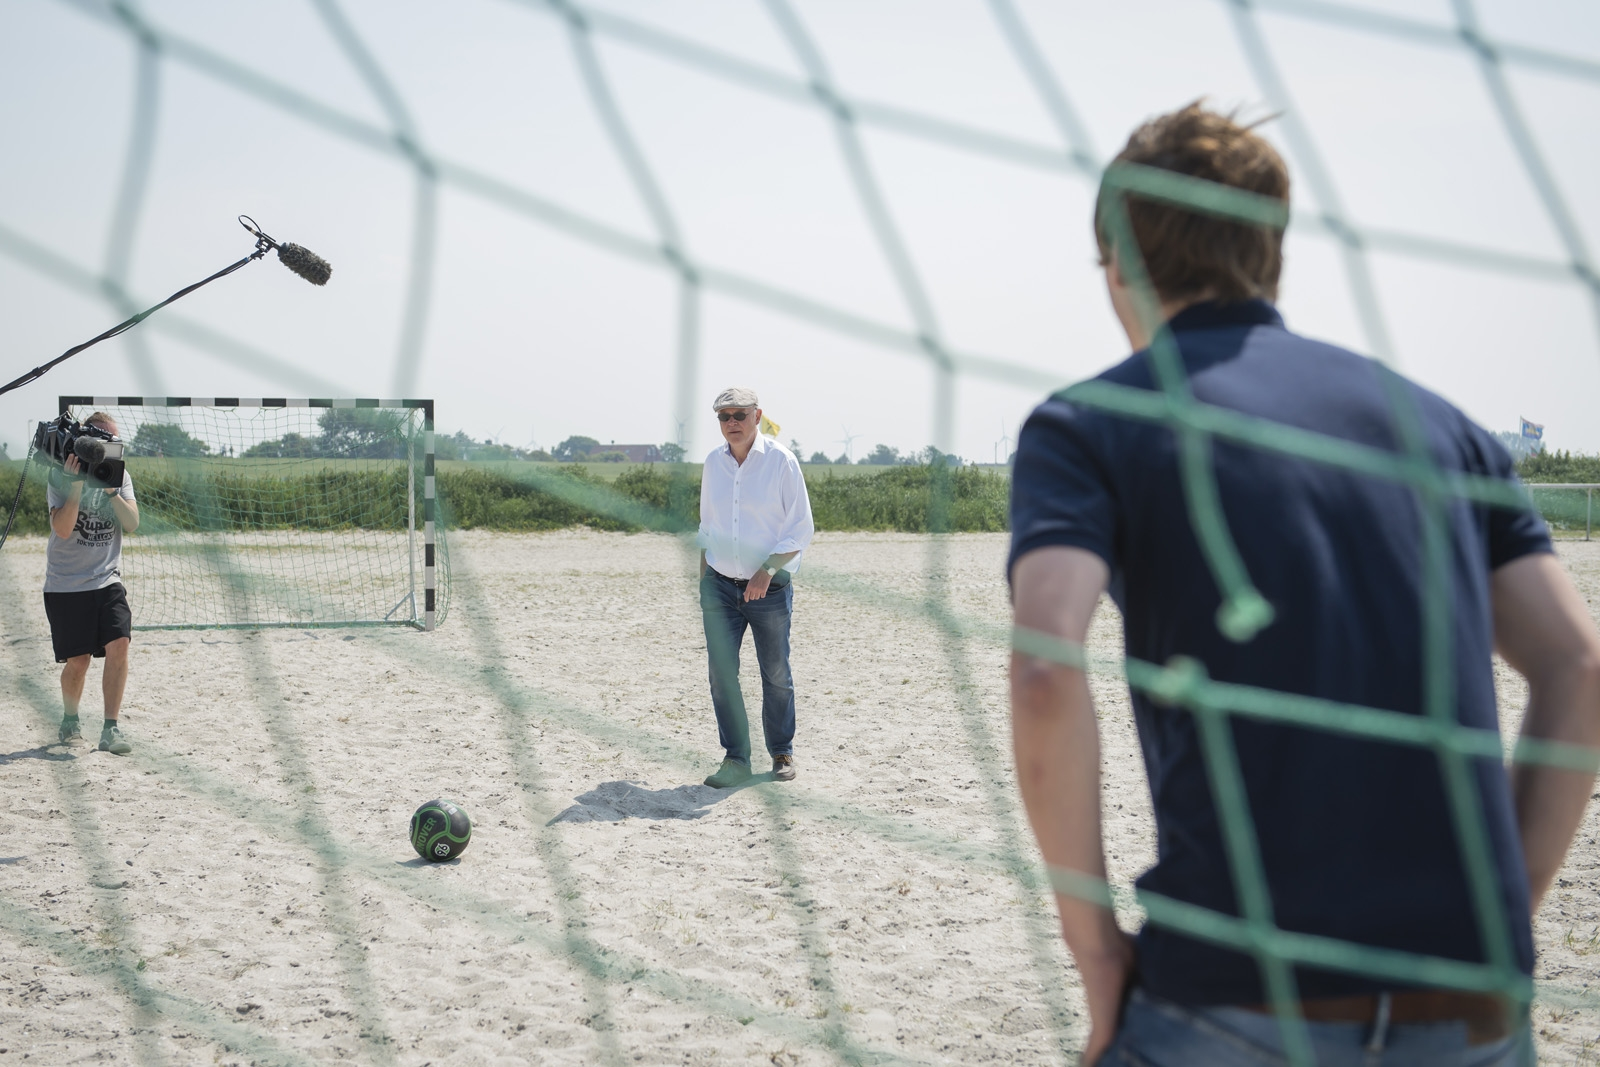 Fussballspiel am Strand von Harlesiel